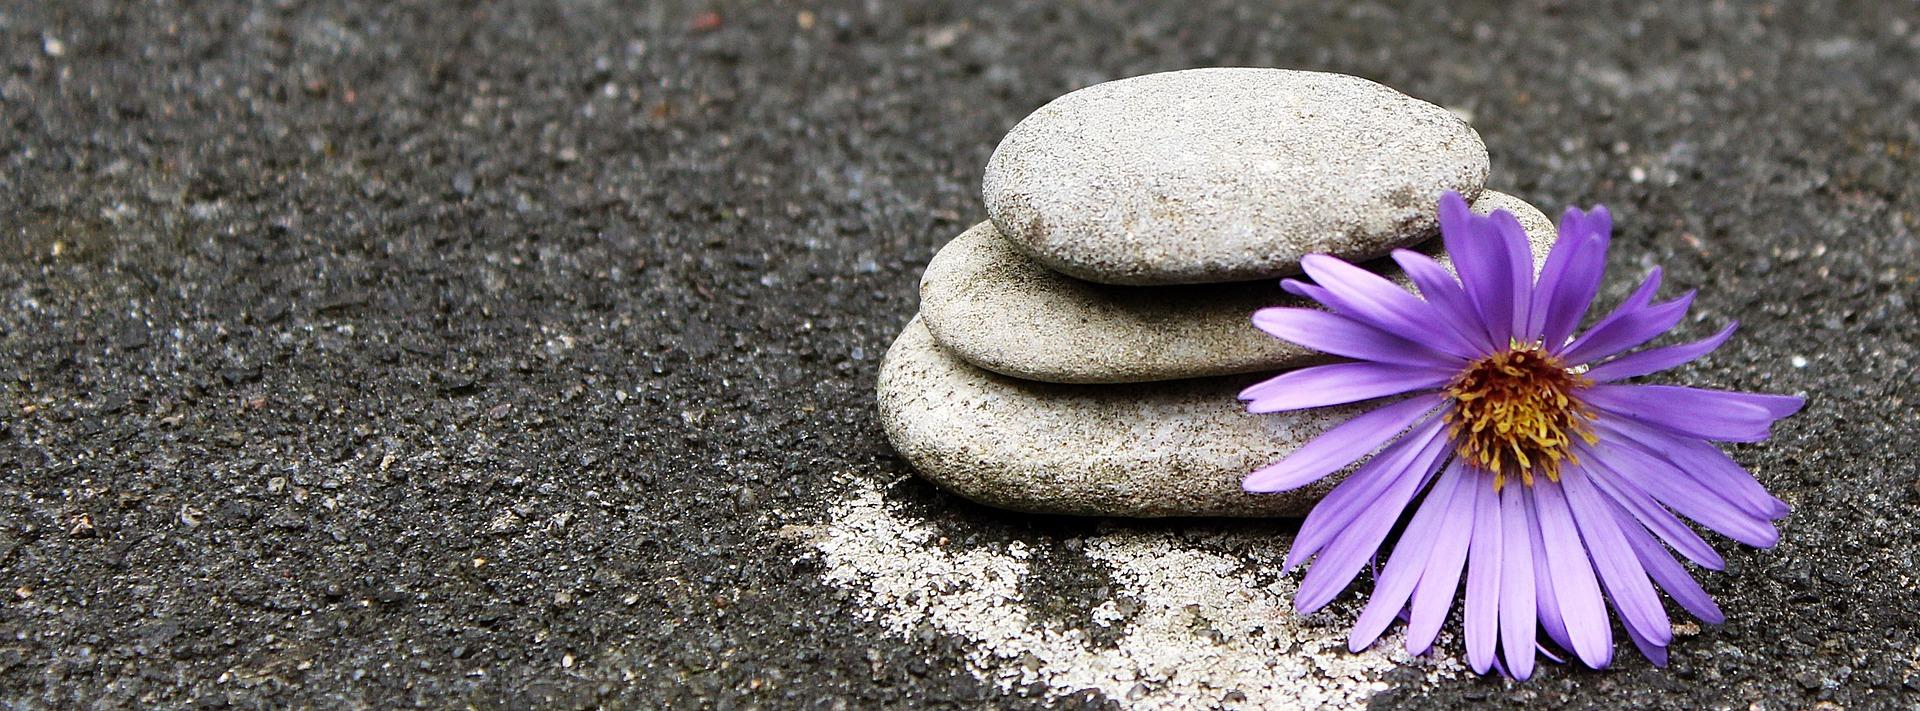 stones-947475_1920.jpg